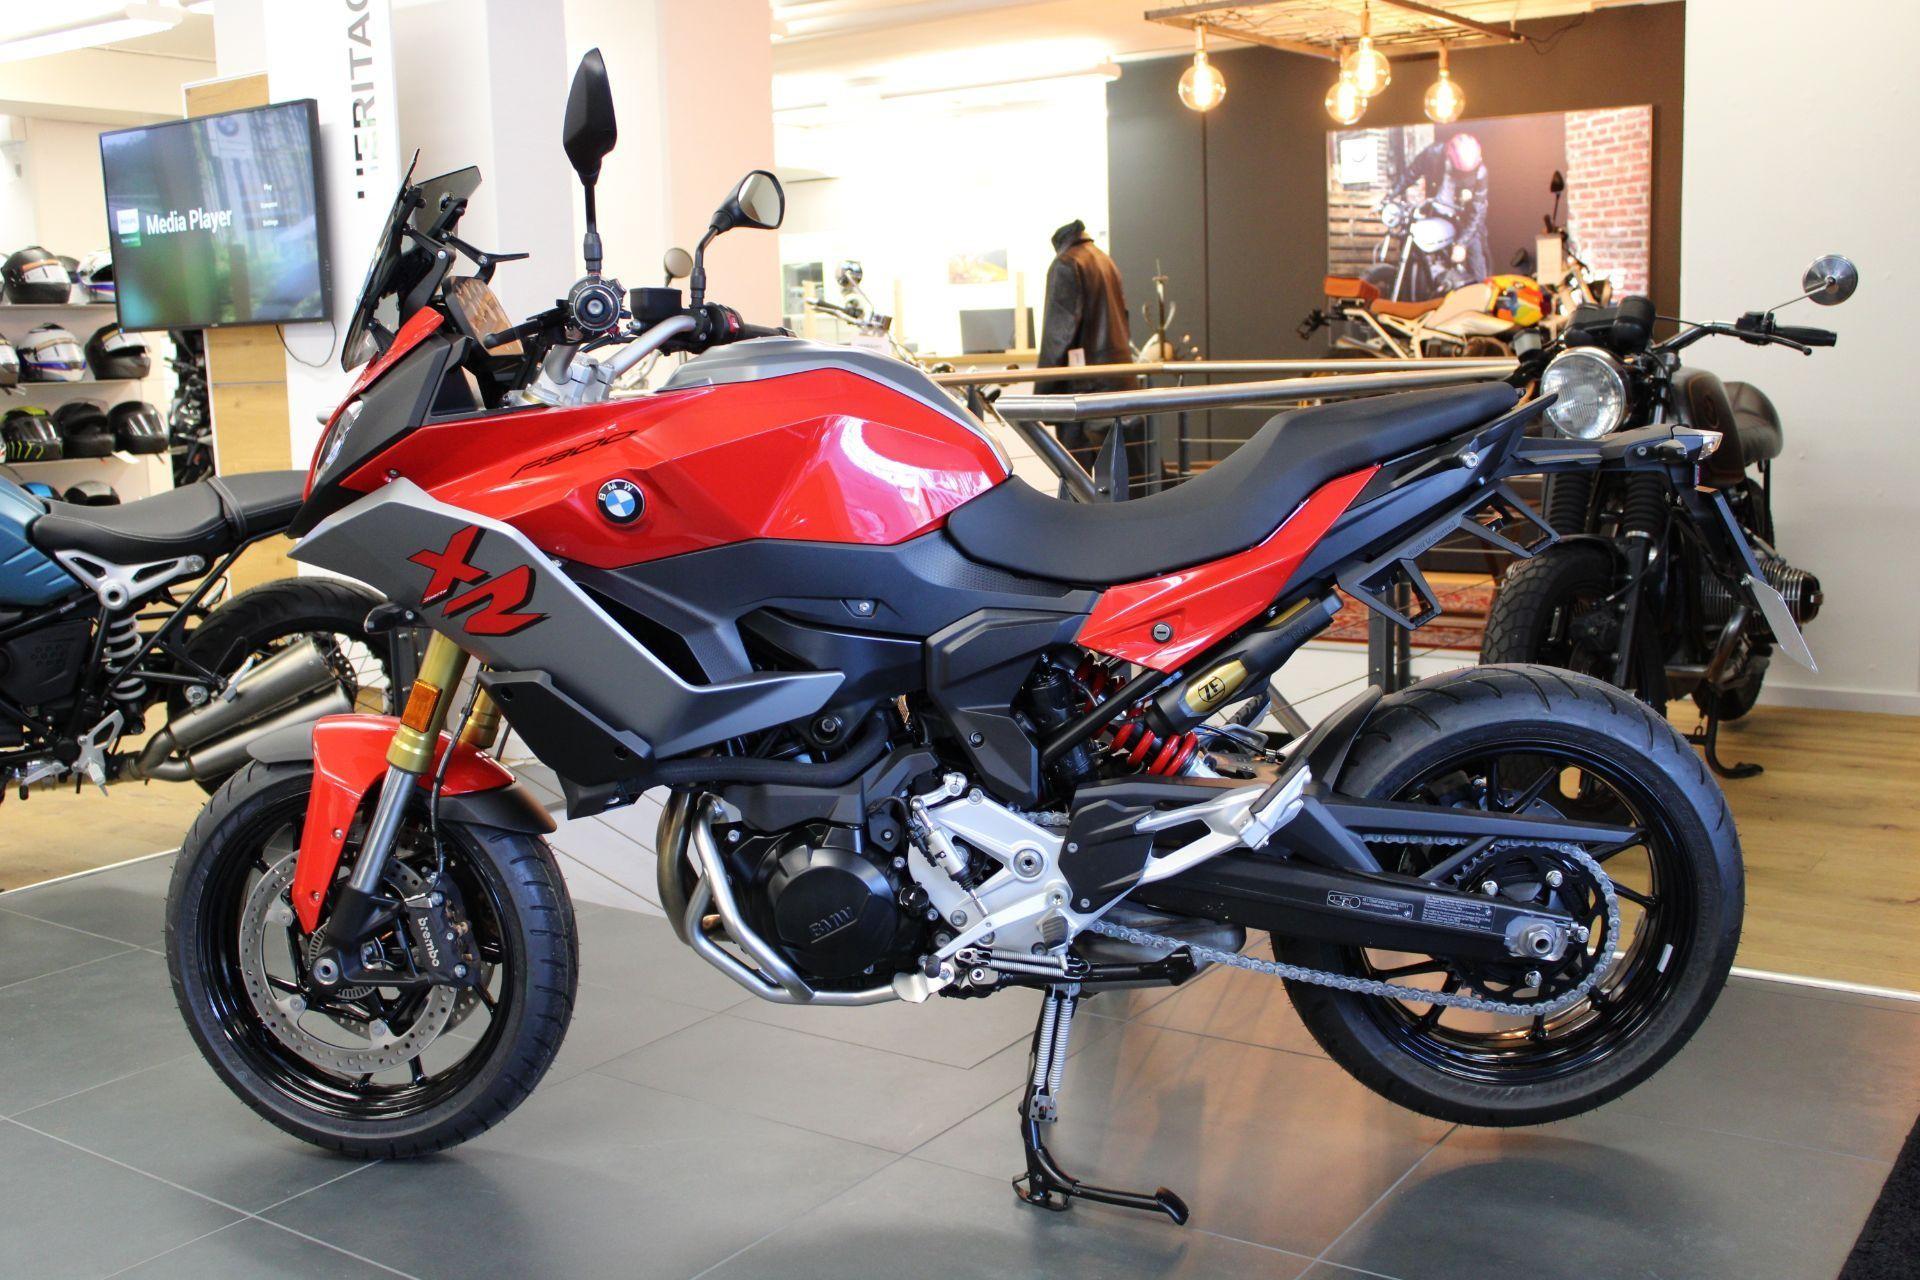 Motorrad Mieten & Roller Mieten BMW F 900 XR A2